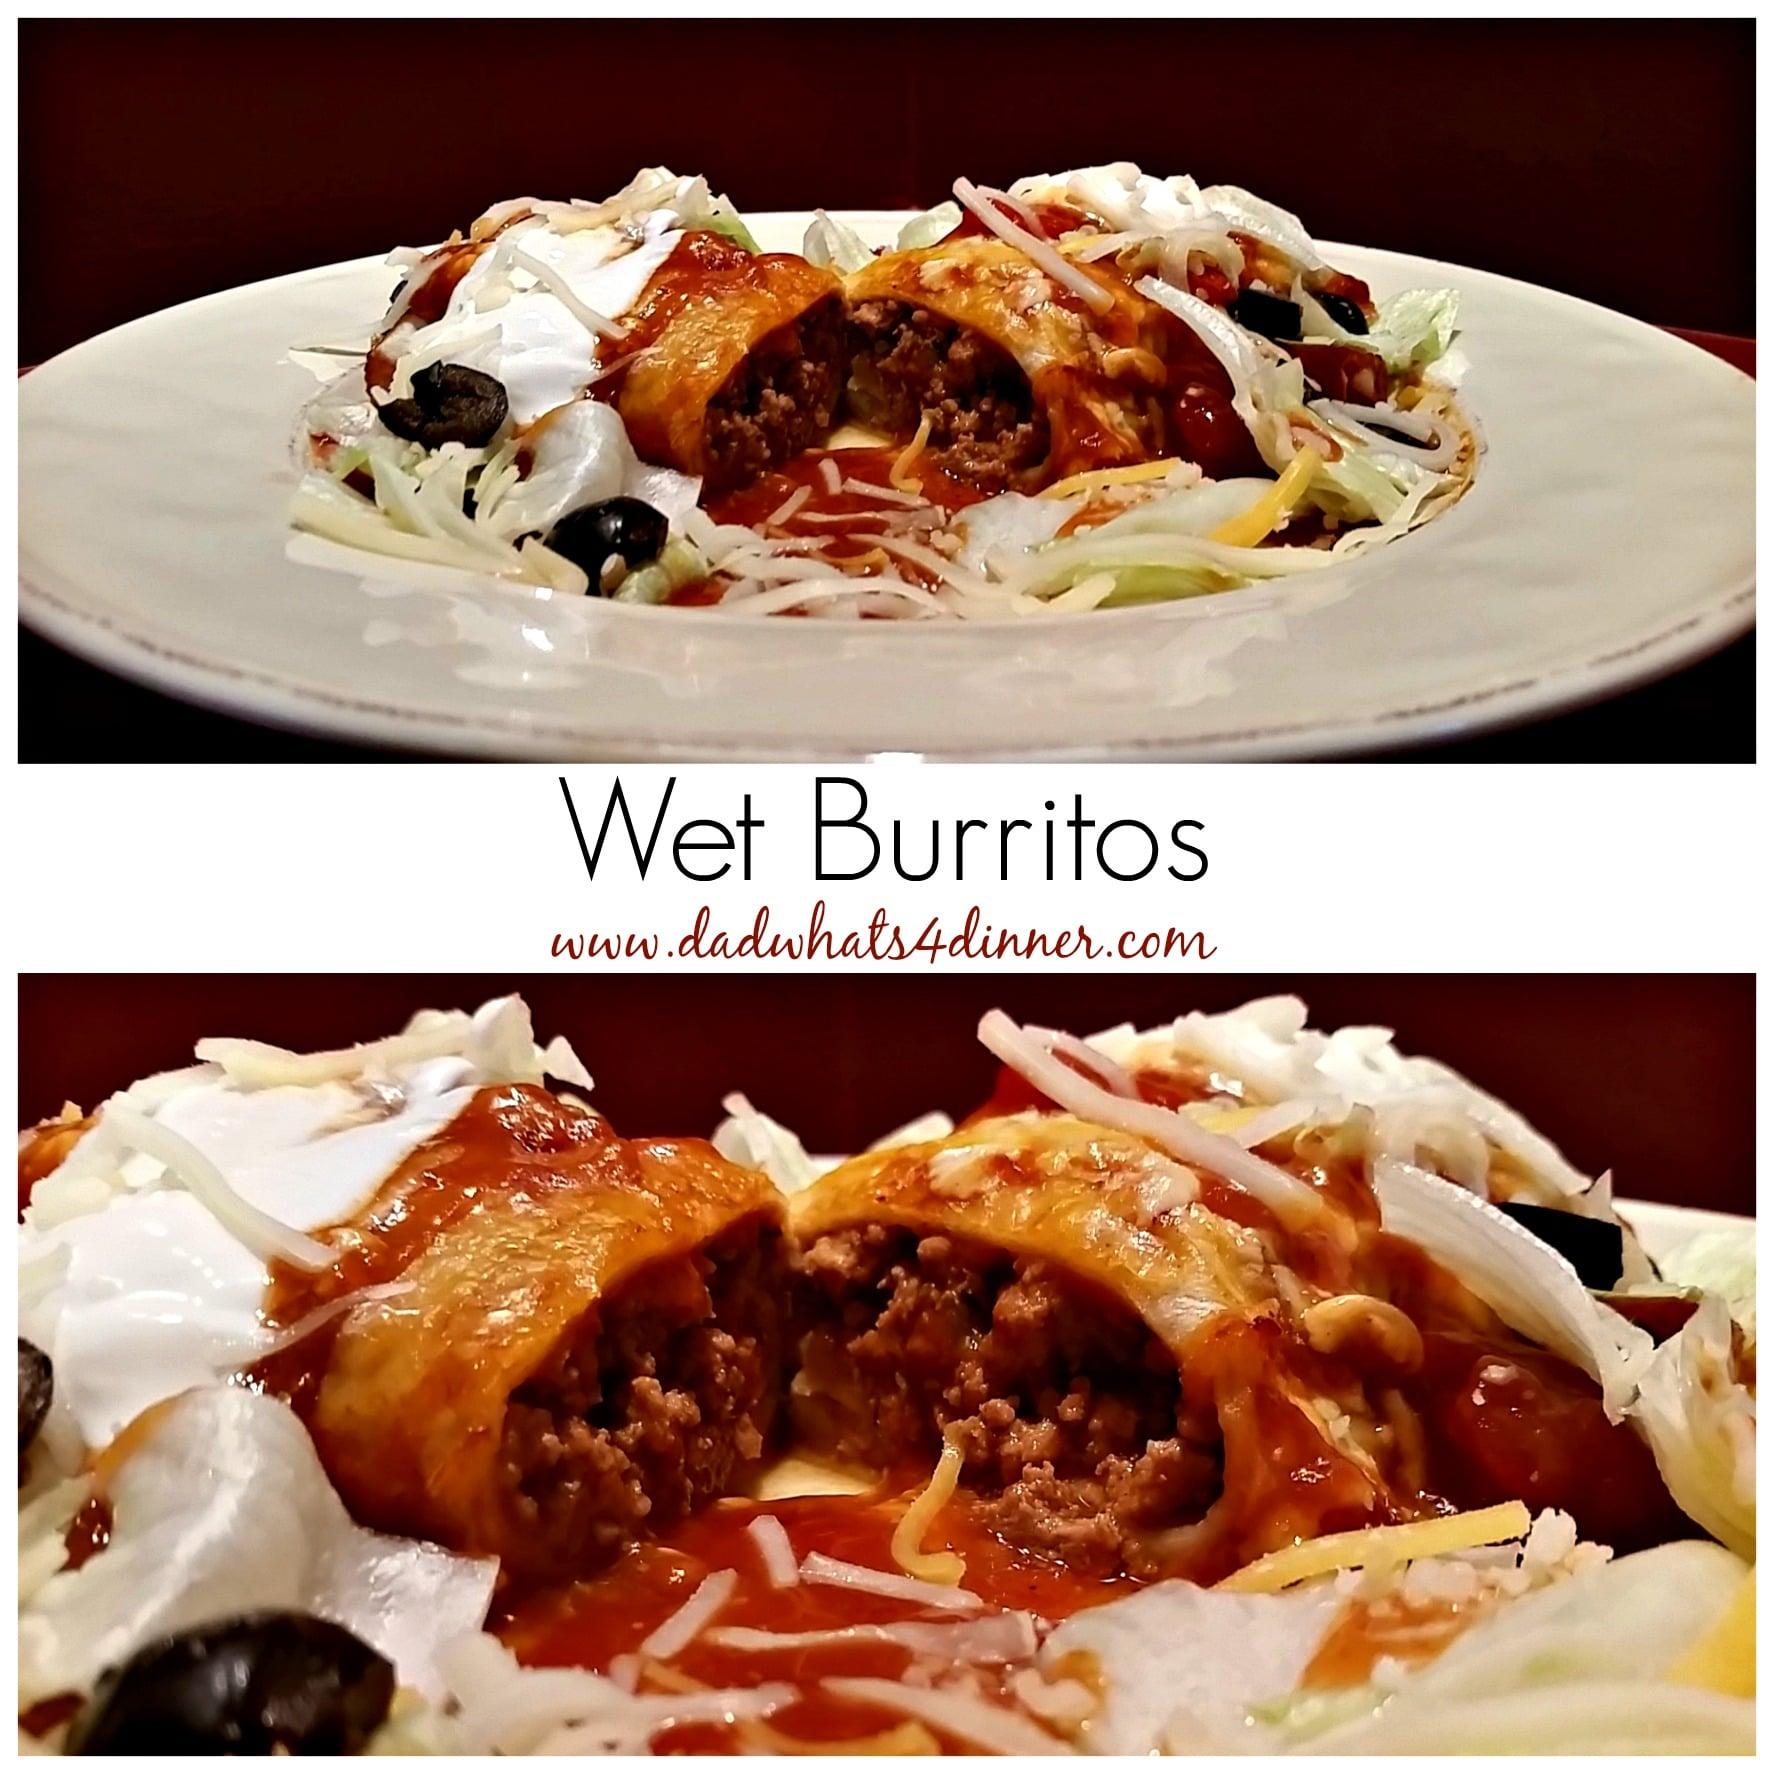 Wet Burritos |https://dadwhats4dinner.com